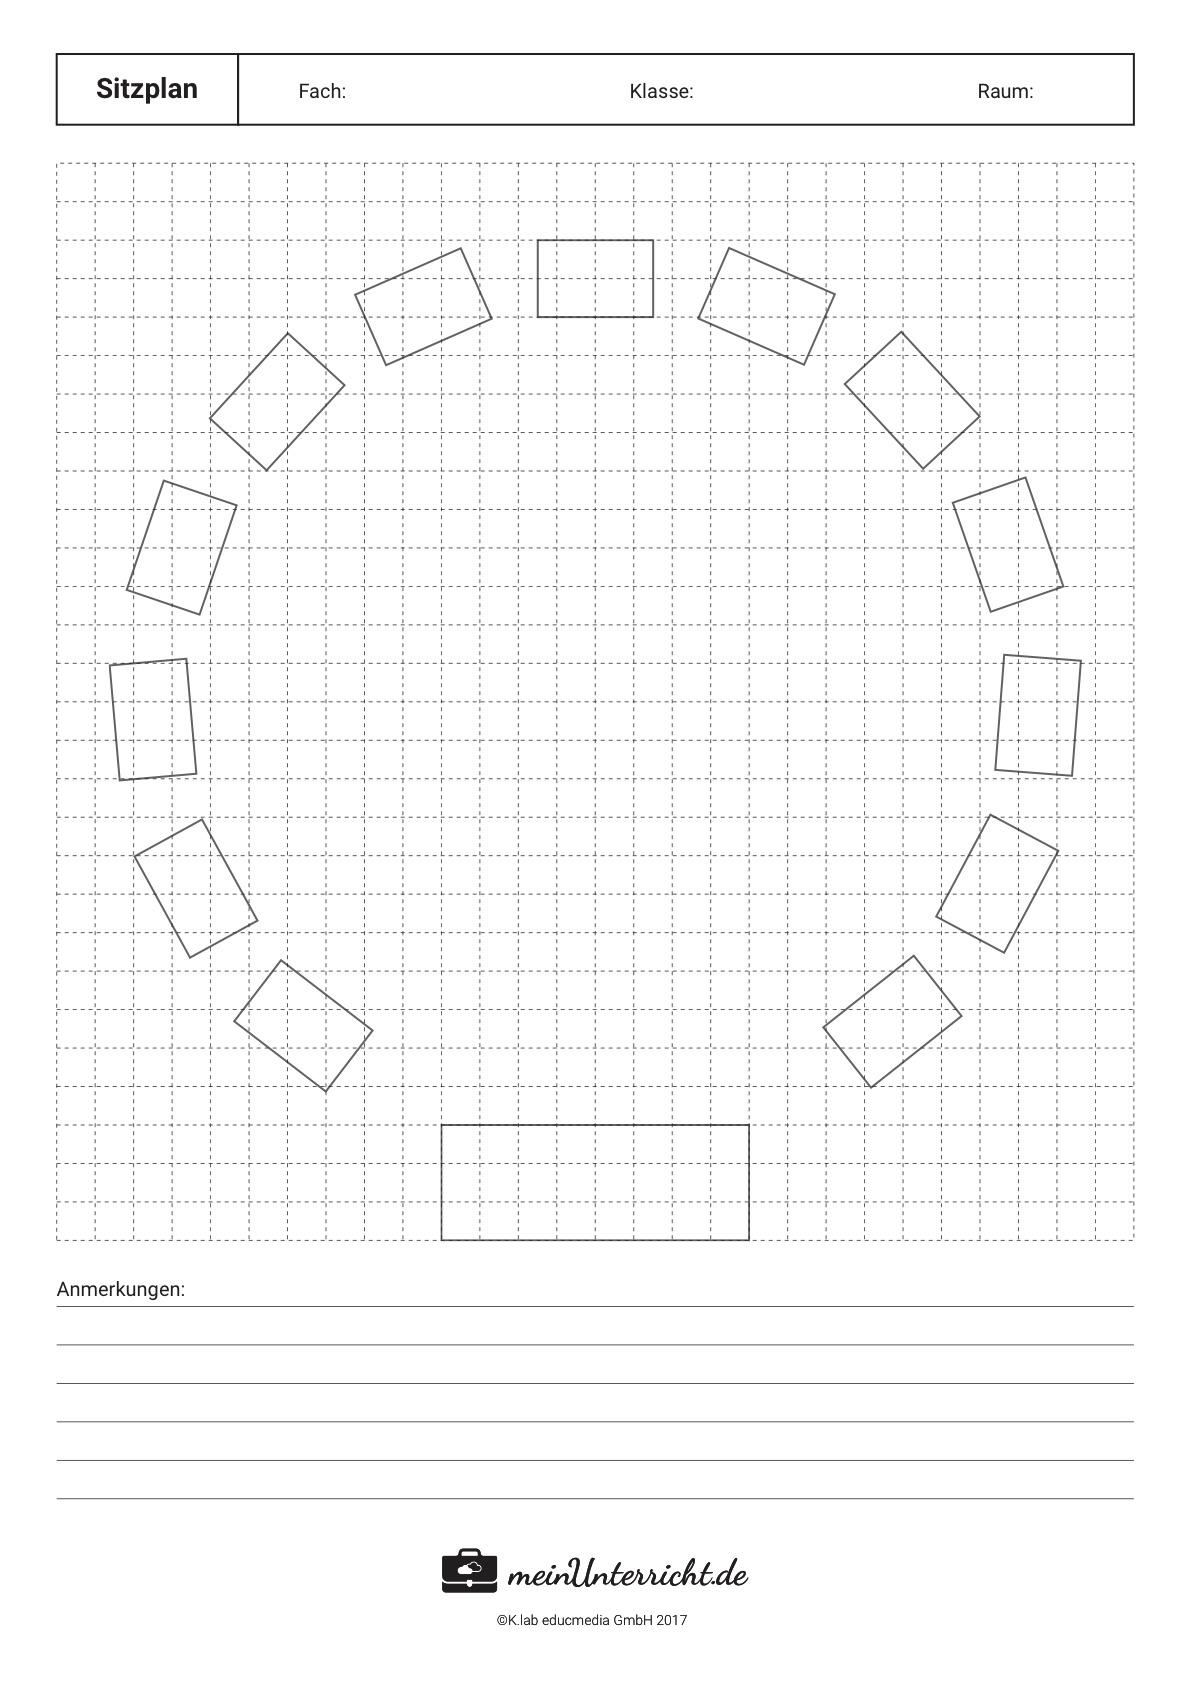 Sitzordnung in der Schule: Kreis